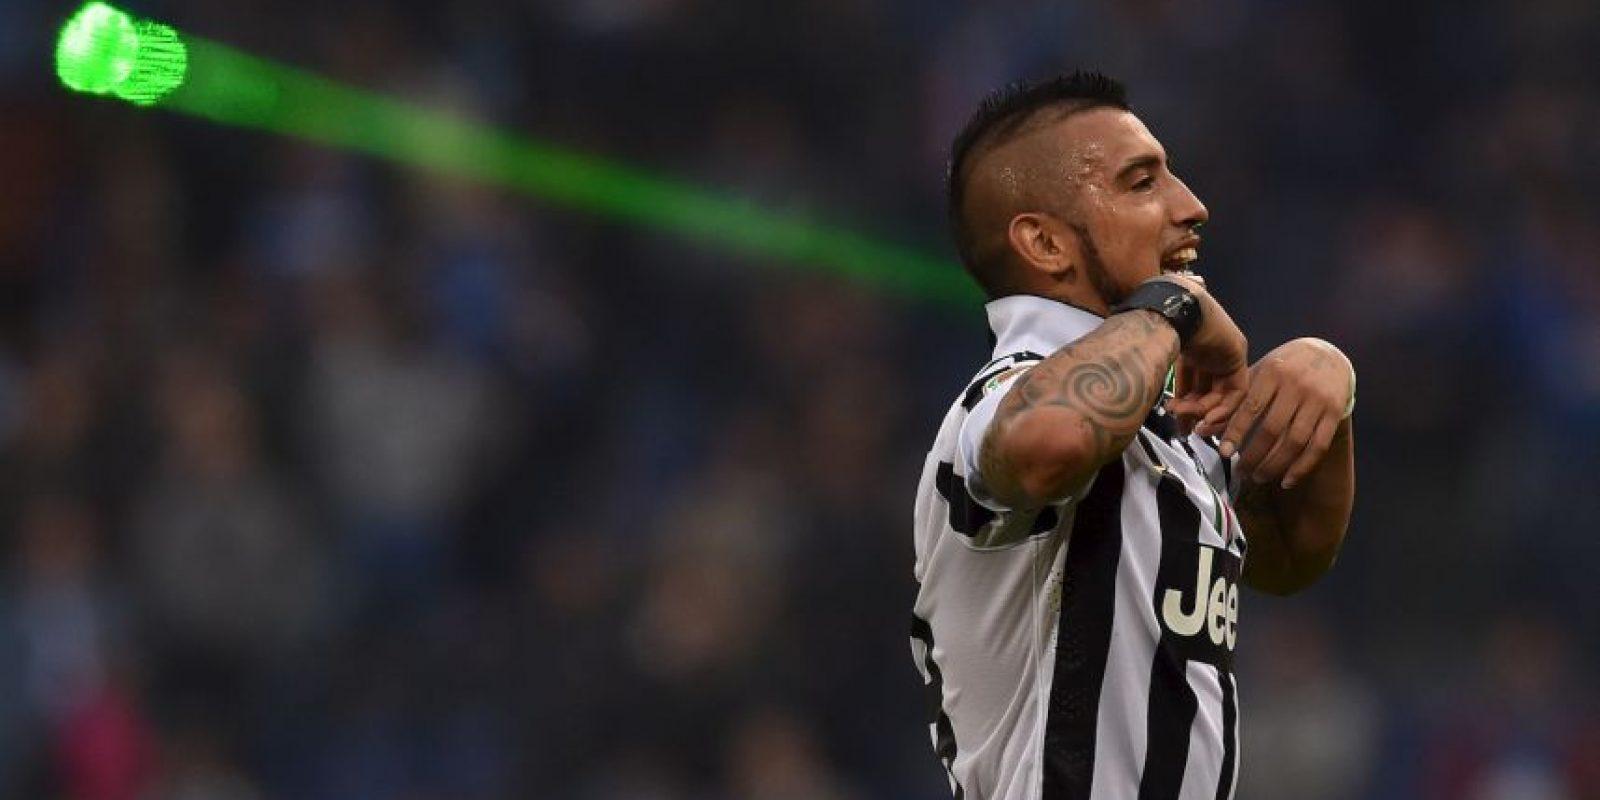 Antes del tetracampeonato, la Juventus ya tenía 27 Scudettos ganados en 1905, 1925-26, 1930-31, 1931-32, 1932-33, 1933-34, 1934-35, 1949-50, 1951-52, 1957-58… Foto:Getty Images